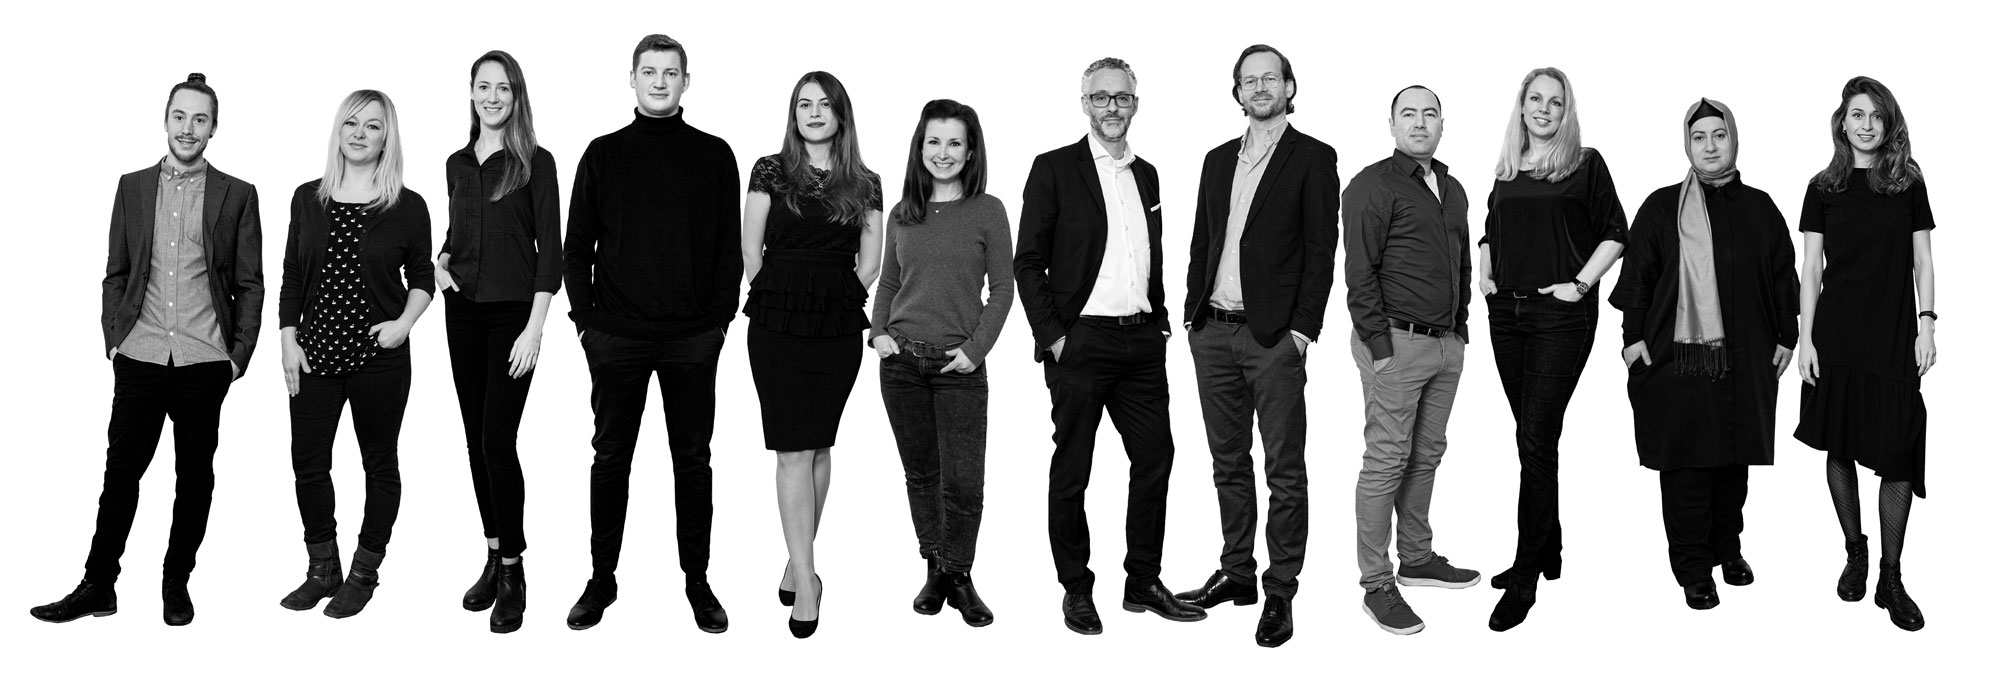 mmrtg Architekten Team